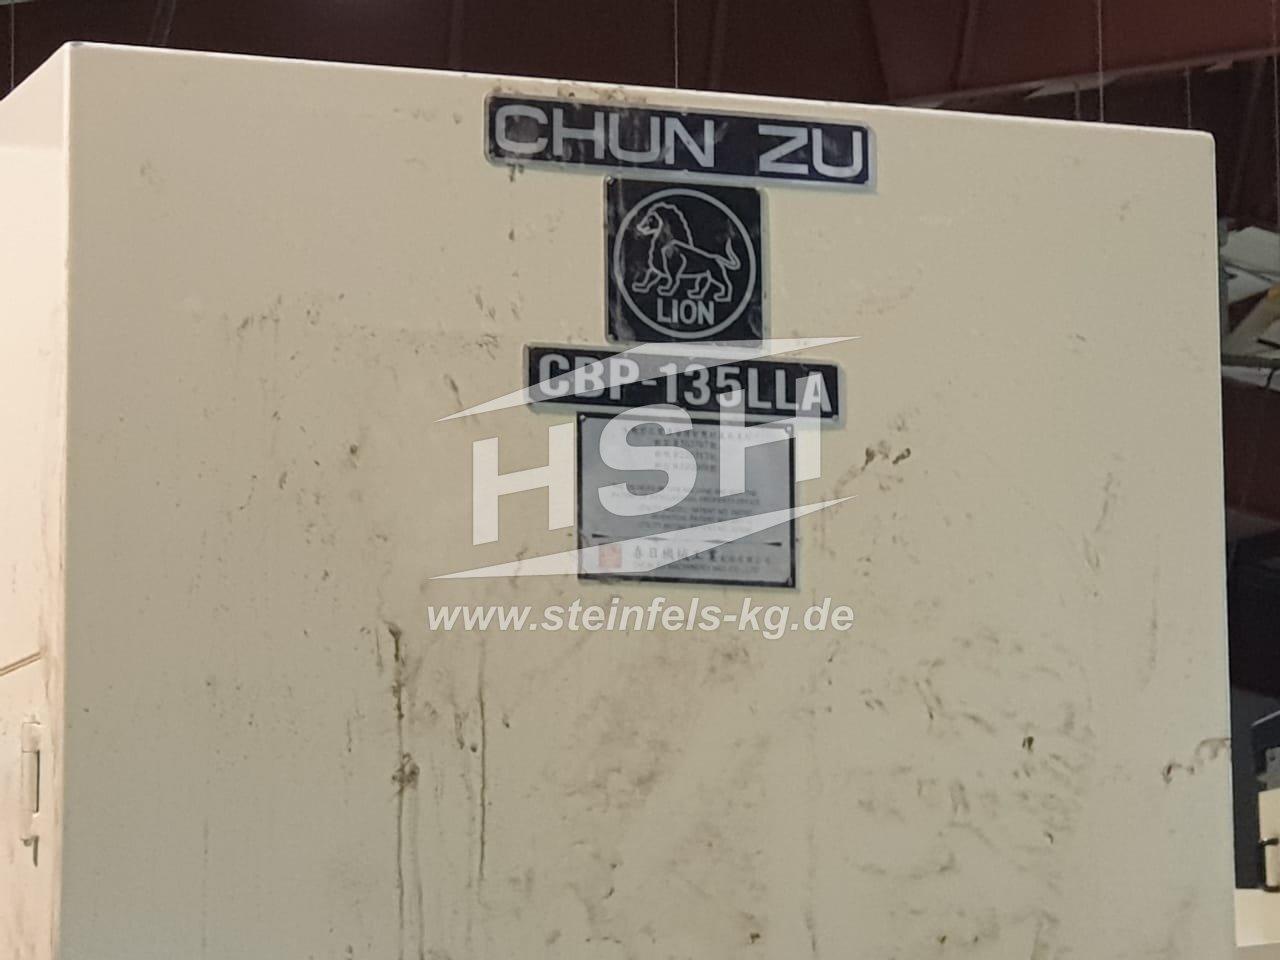 M08U/8232 – CHUN ZU – CBP-135LLA – 2017 – 20 mm